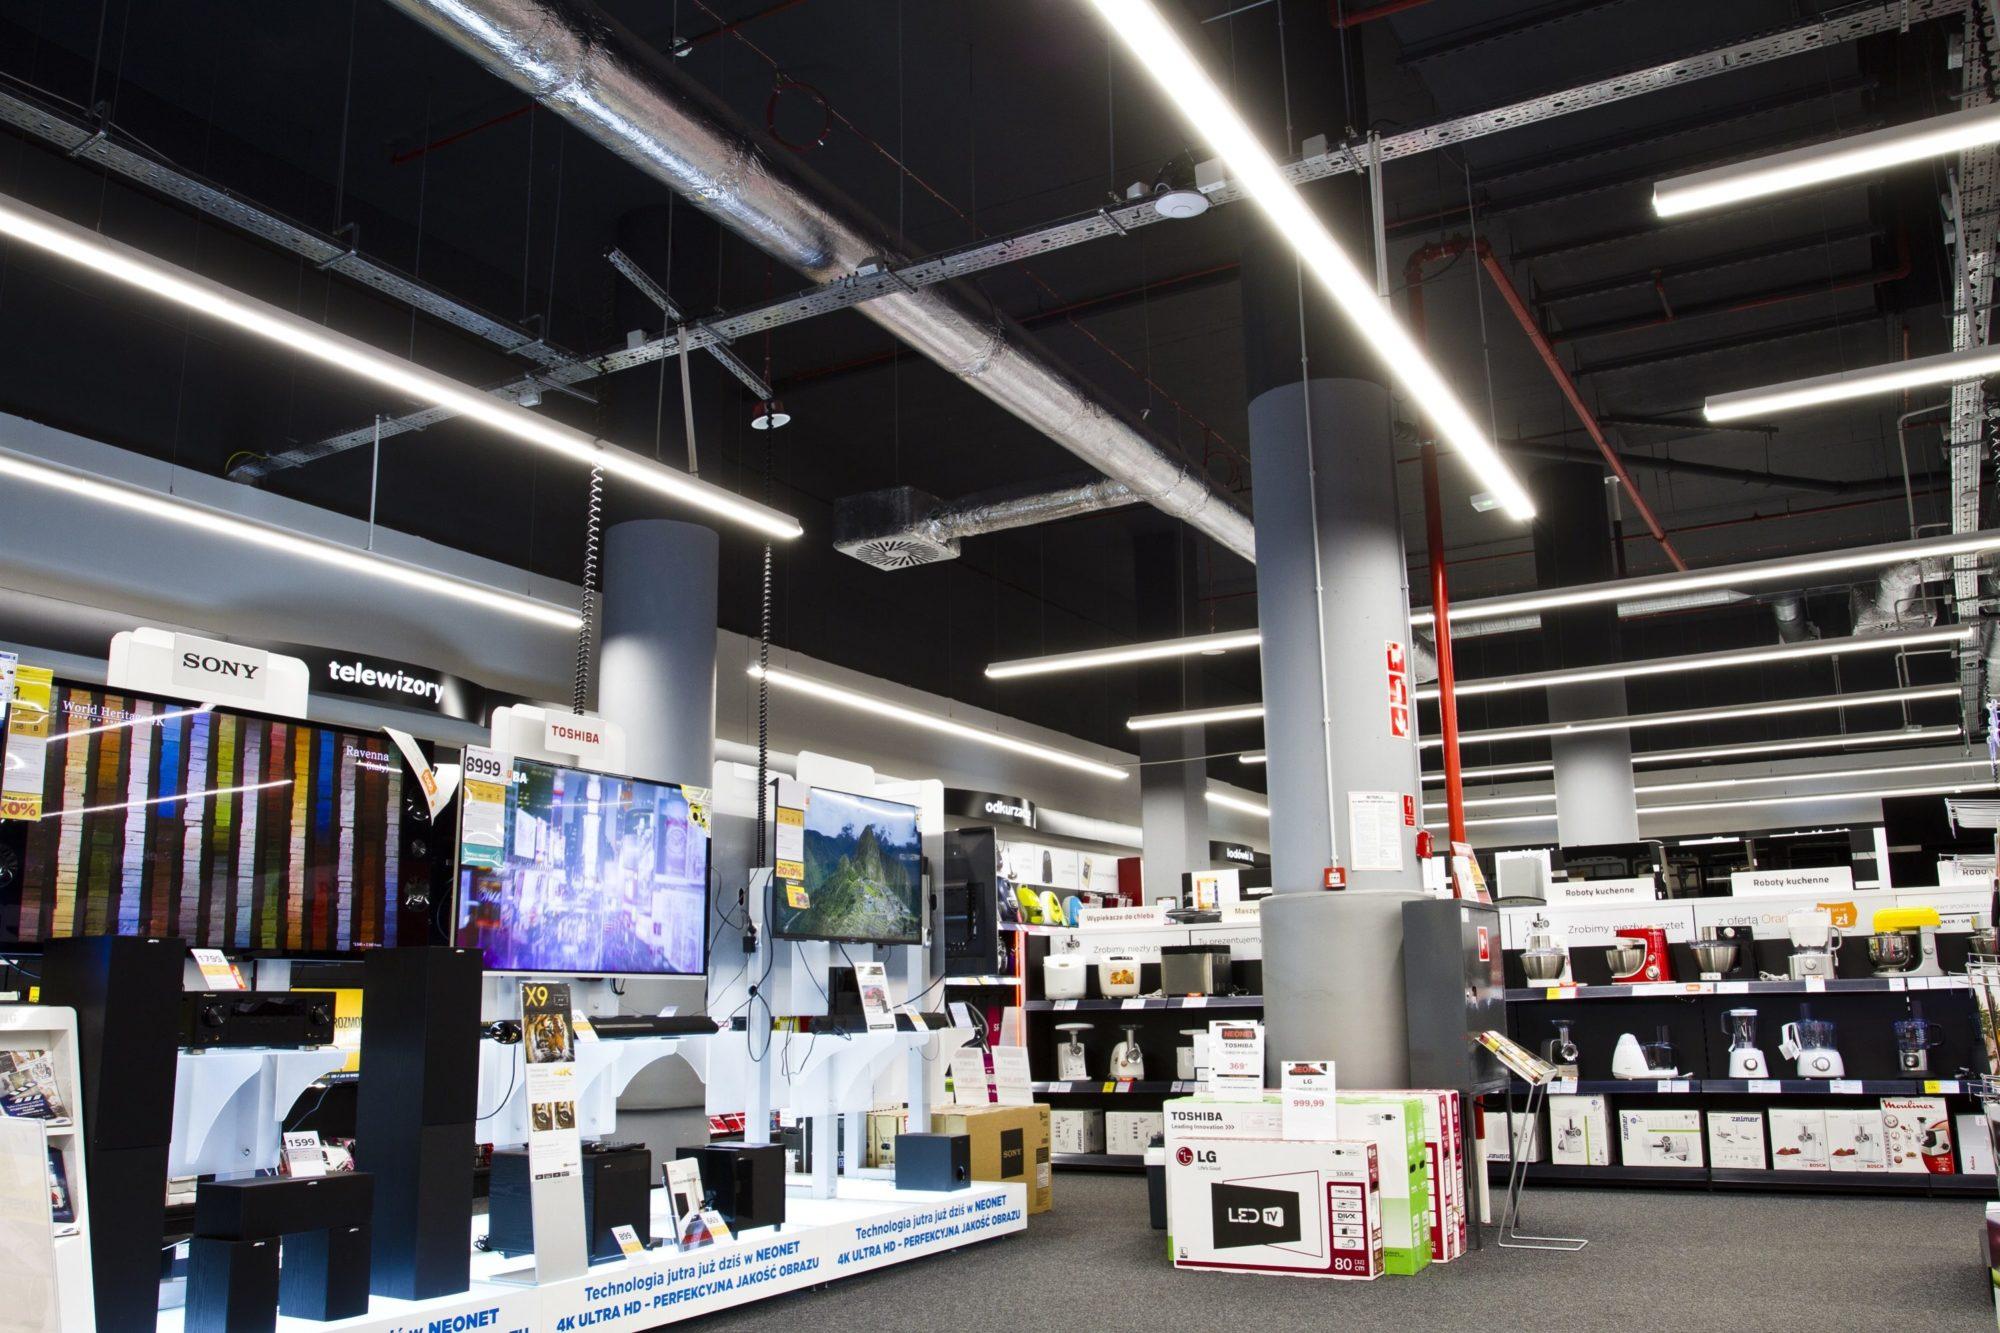 oprawy Lumiline w sklepieOprawy handlowe Lumiline w sklepie Neonet Neonet